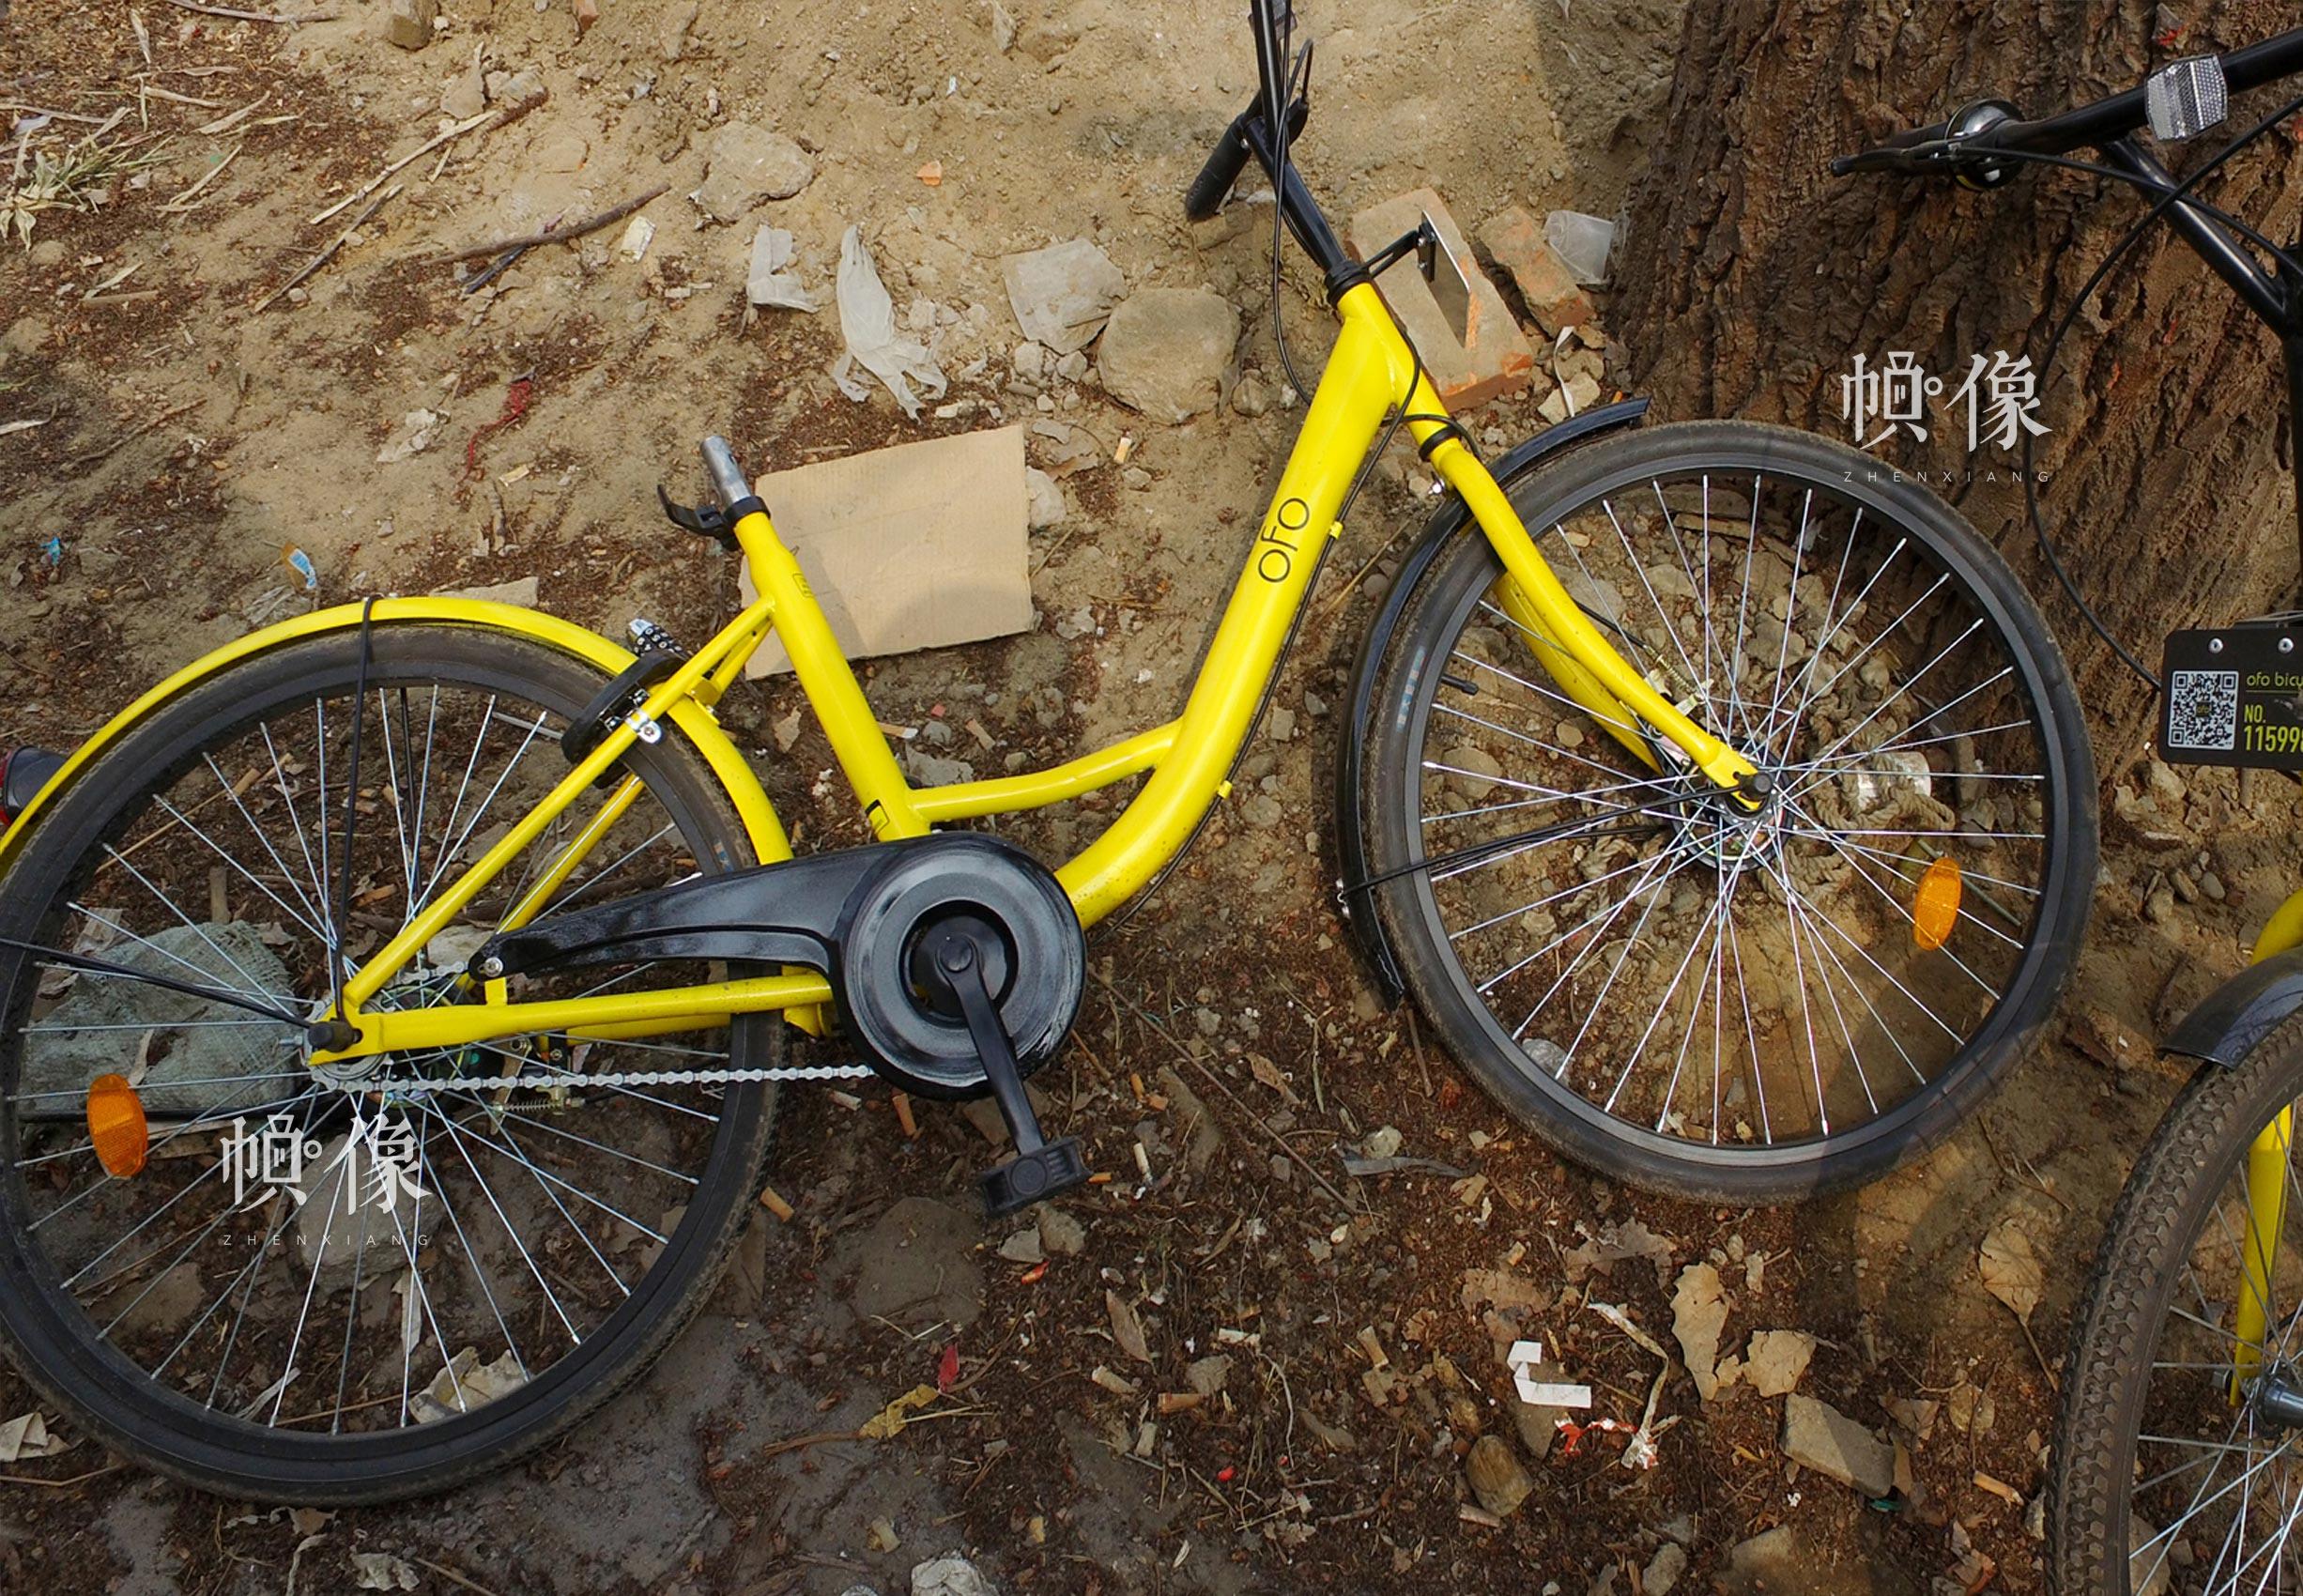 被破坏的共享单车,车座不翼而飞。中国网记者 高南 摄